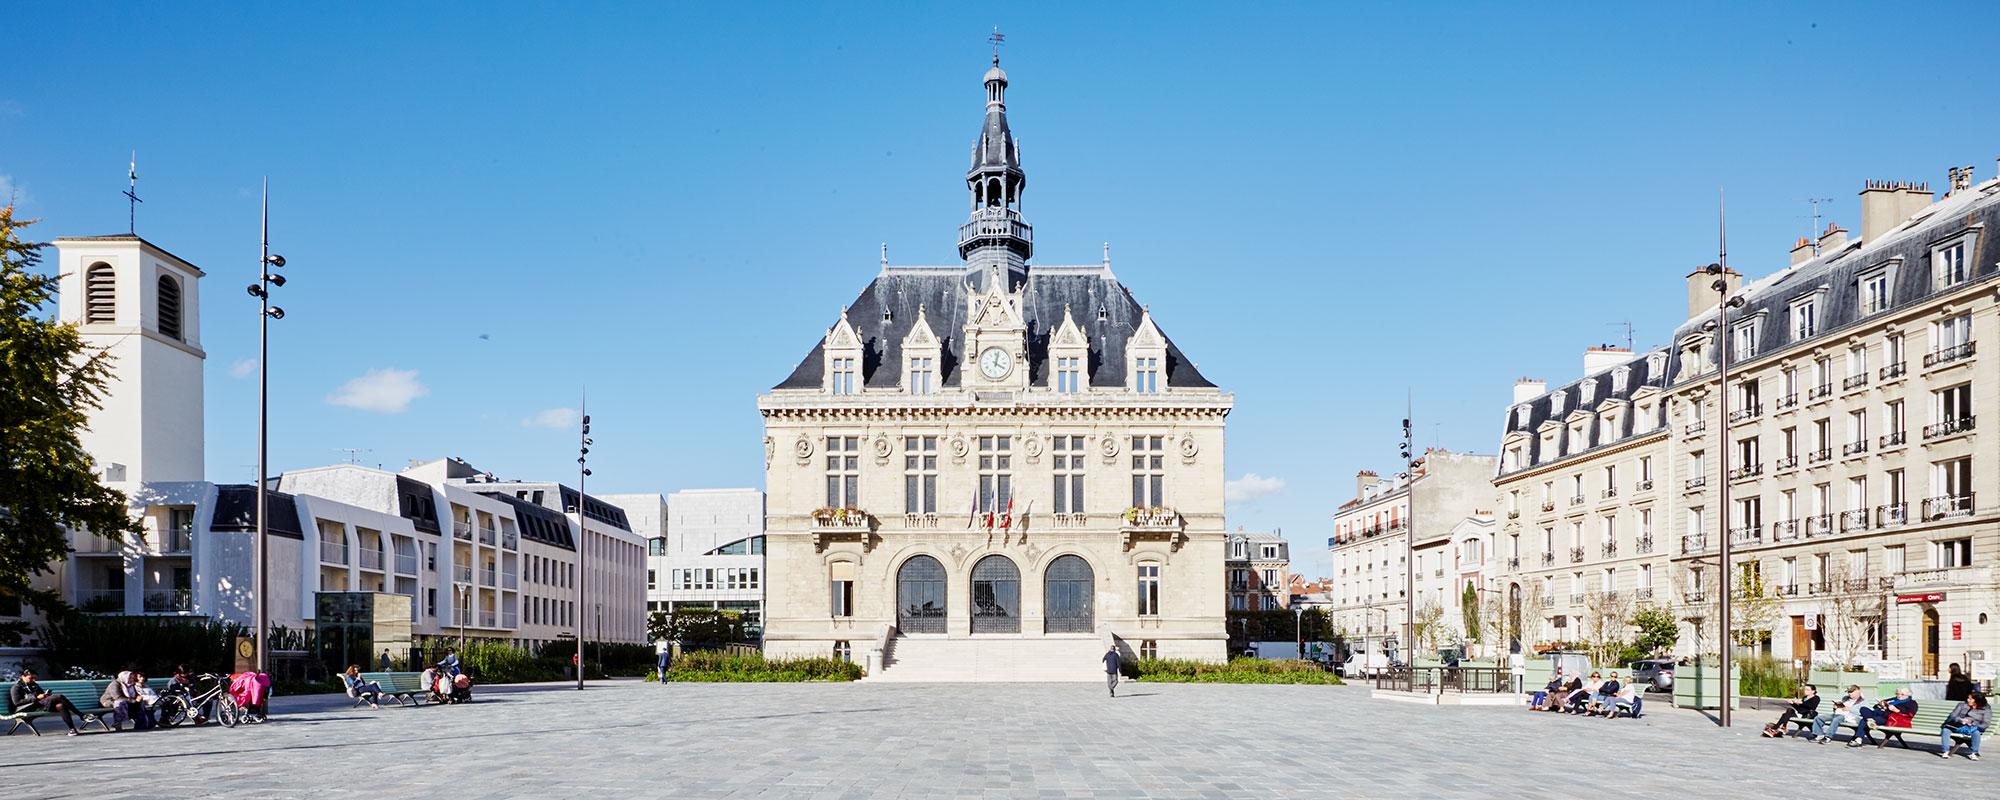 D_Vincennes-hotel-de-ville1